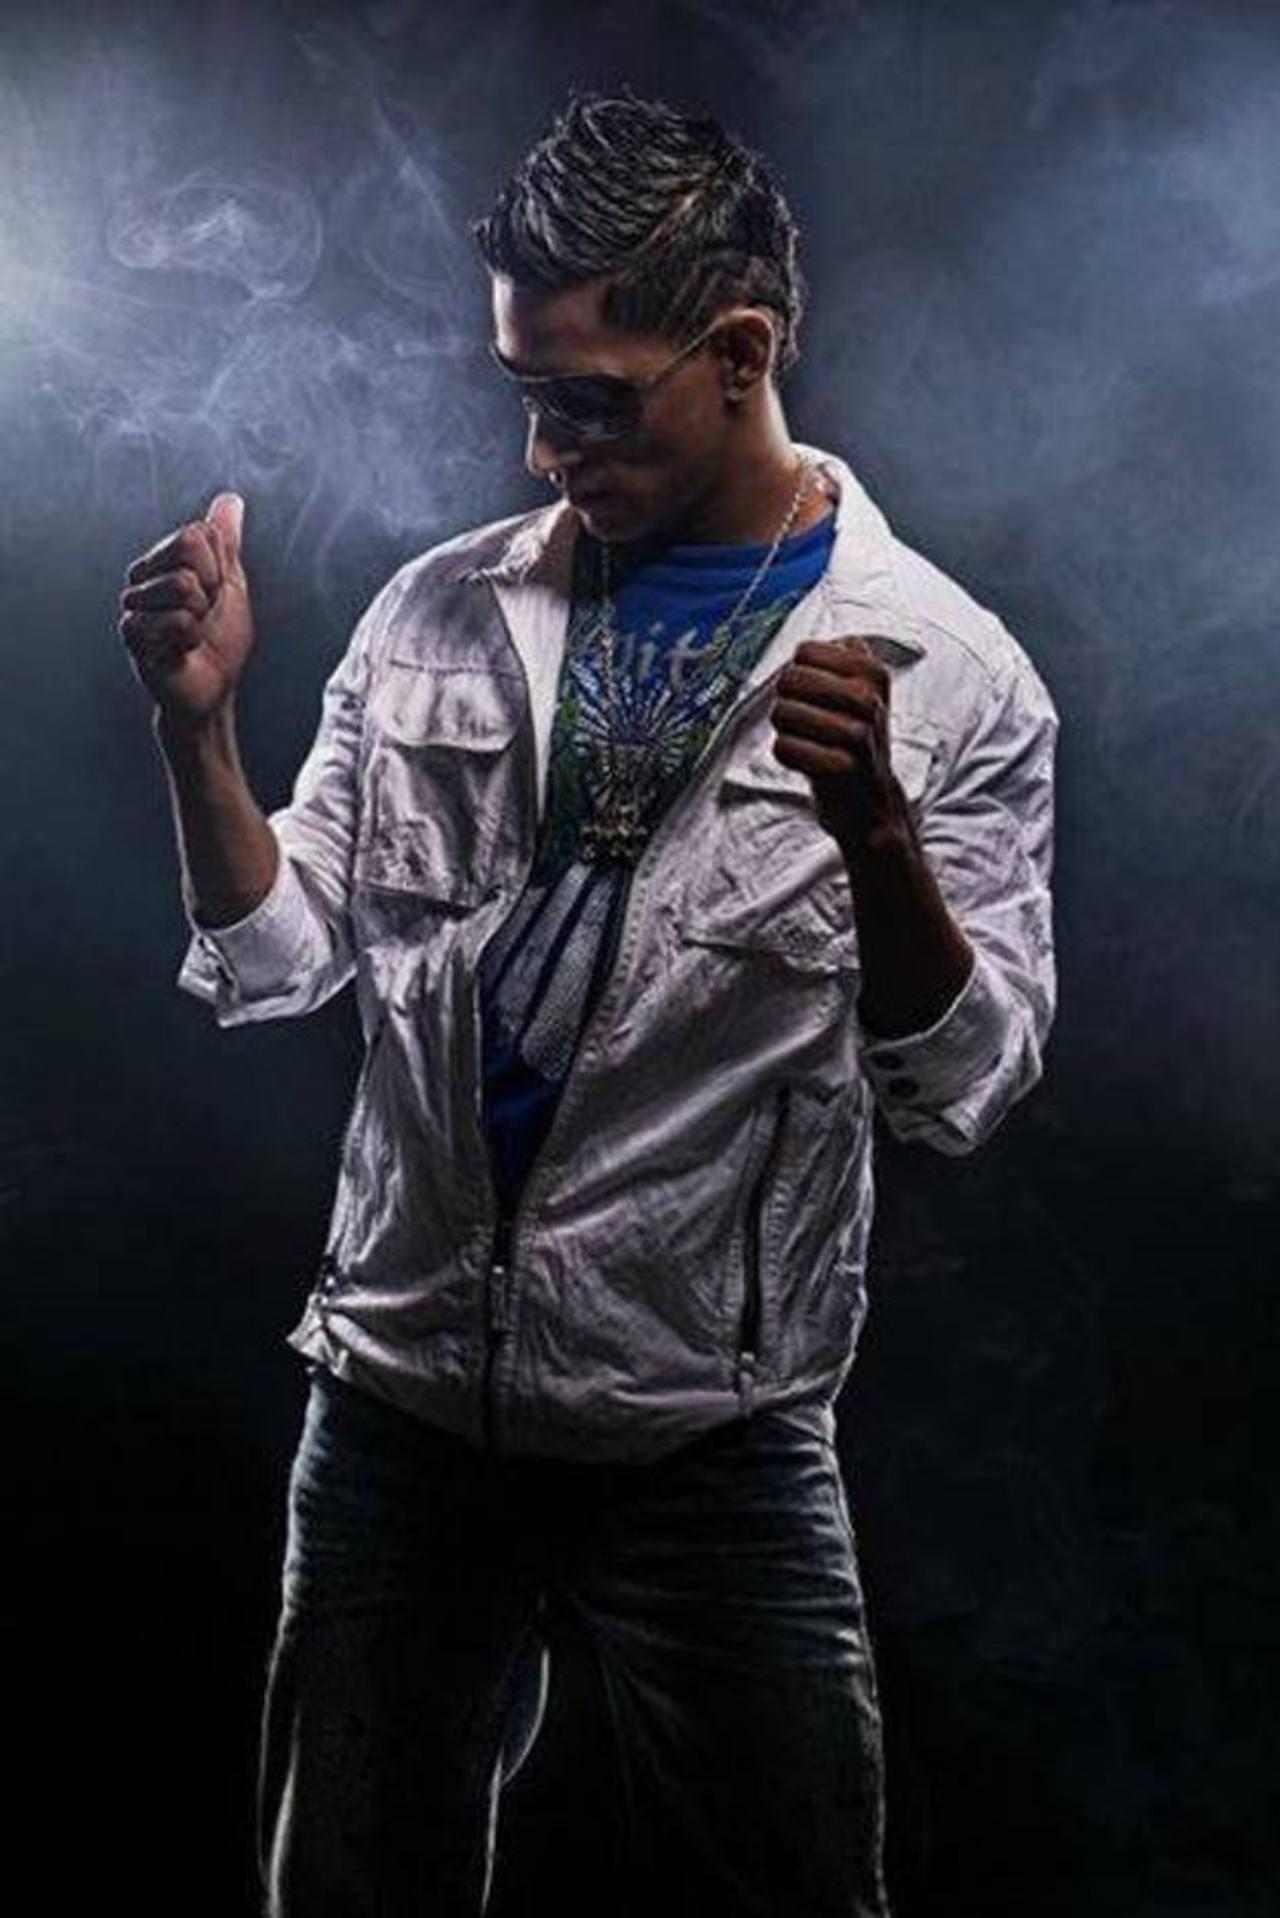 """El artista reggaetonero, quien se hizo popular en 2010 por su canción """"El abandonado"""", está preparando su tercera producción discográfica. Foto Cortesía The King Flyp"""